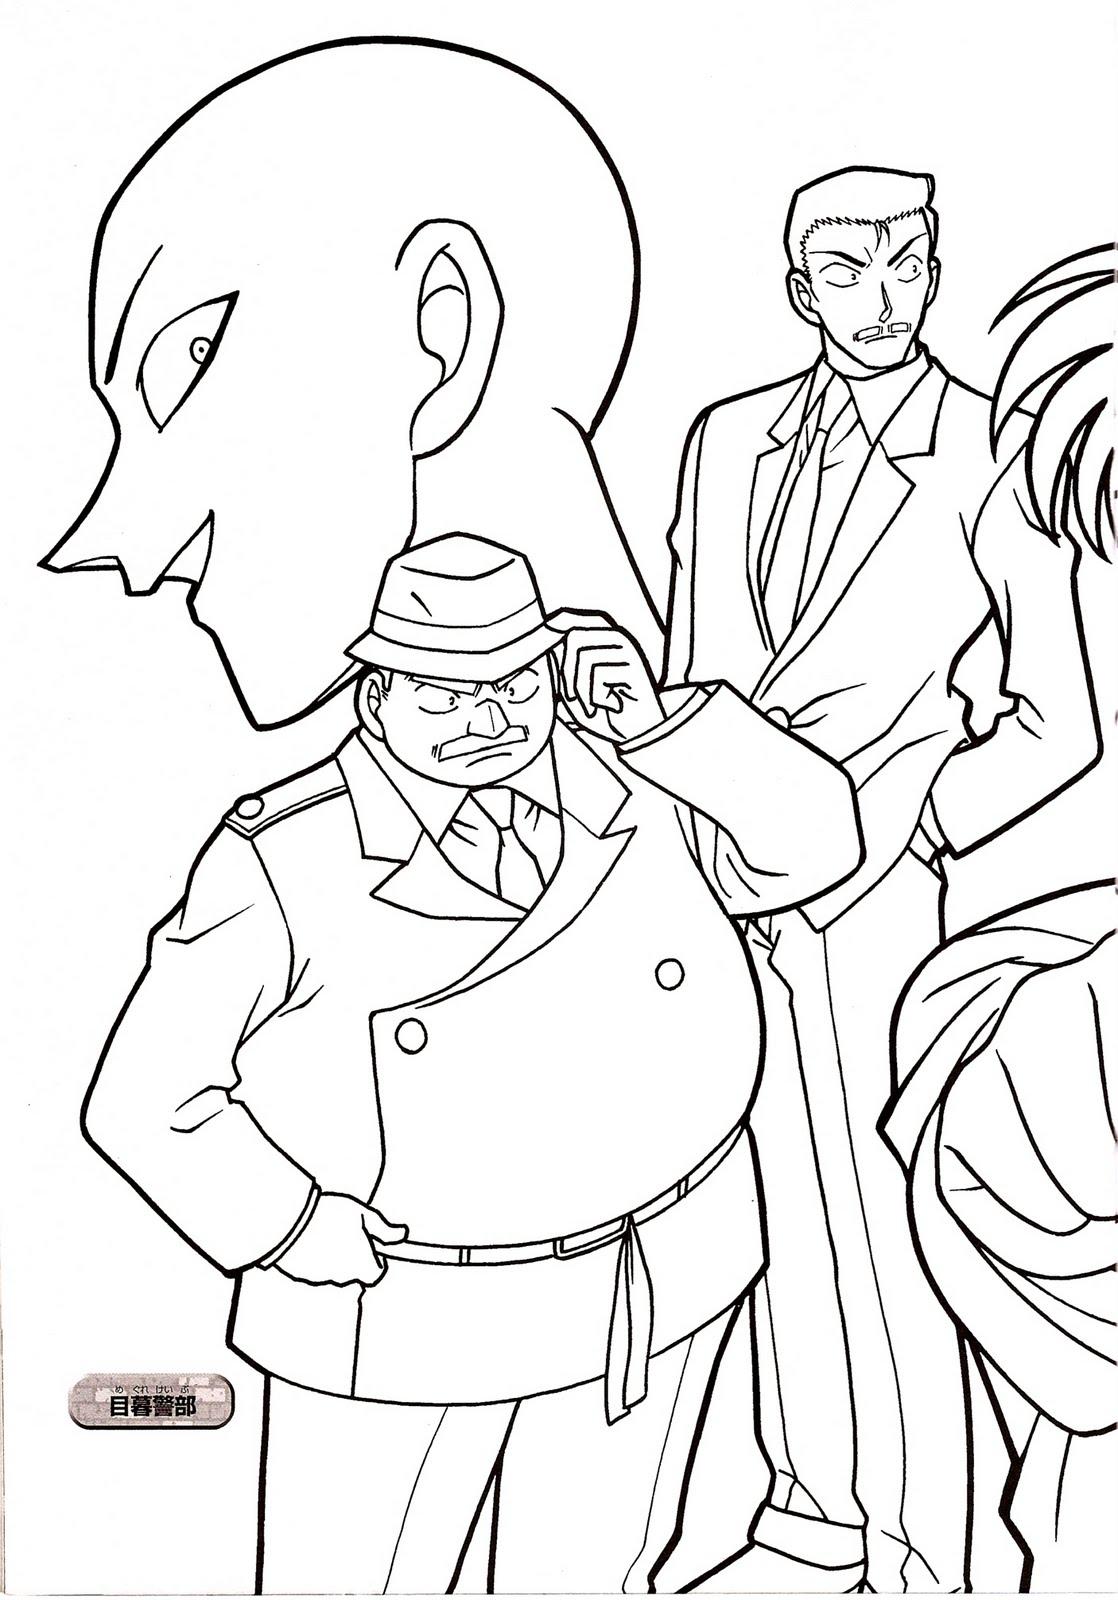 disegni da colorare: disegni da colorare: detective conan